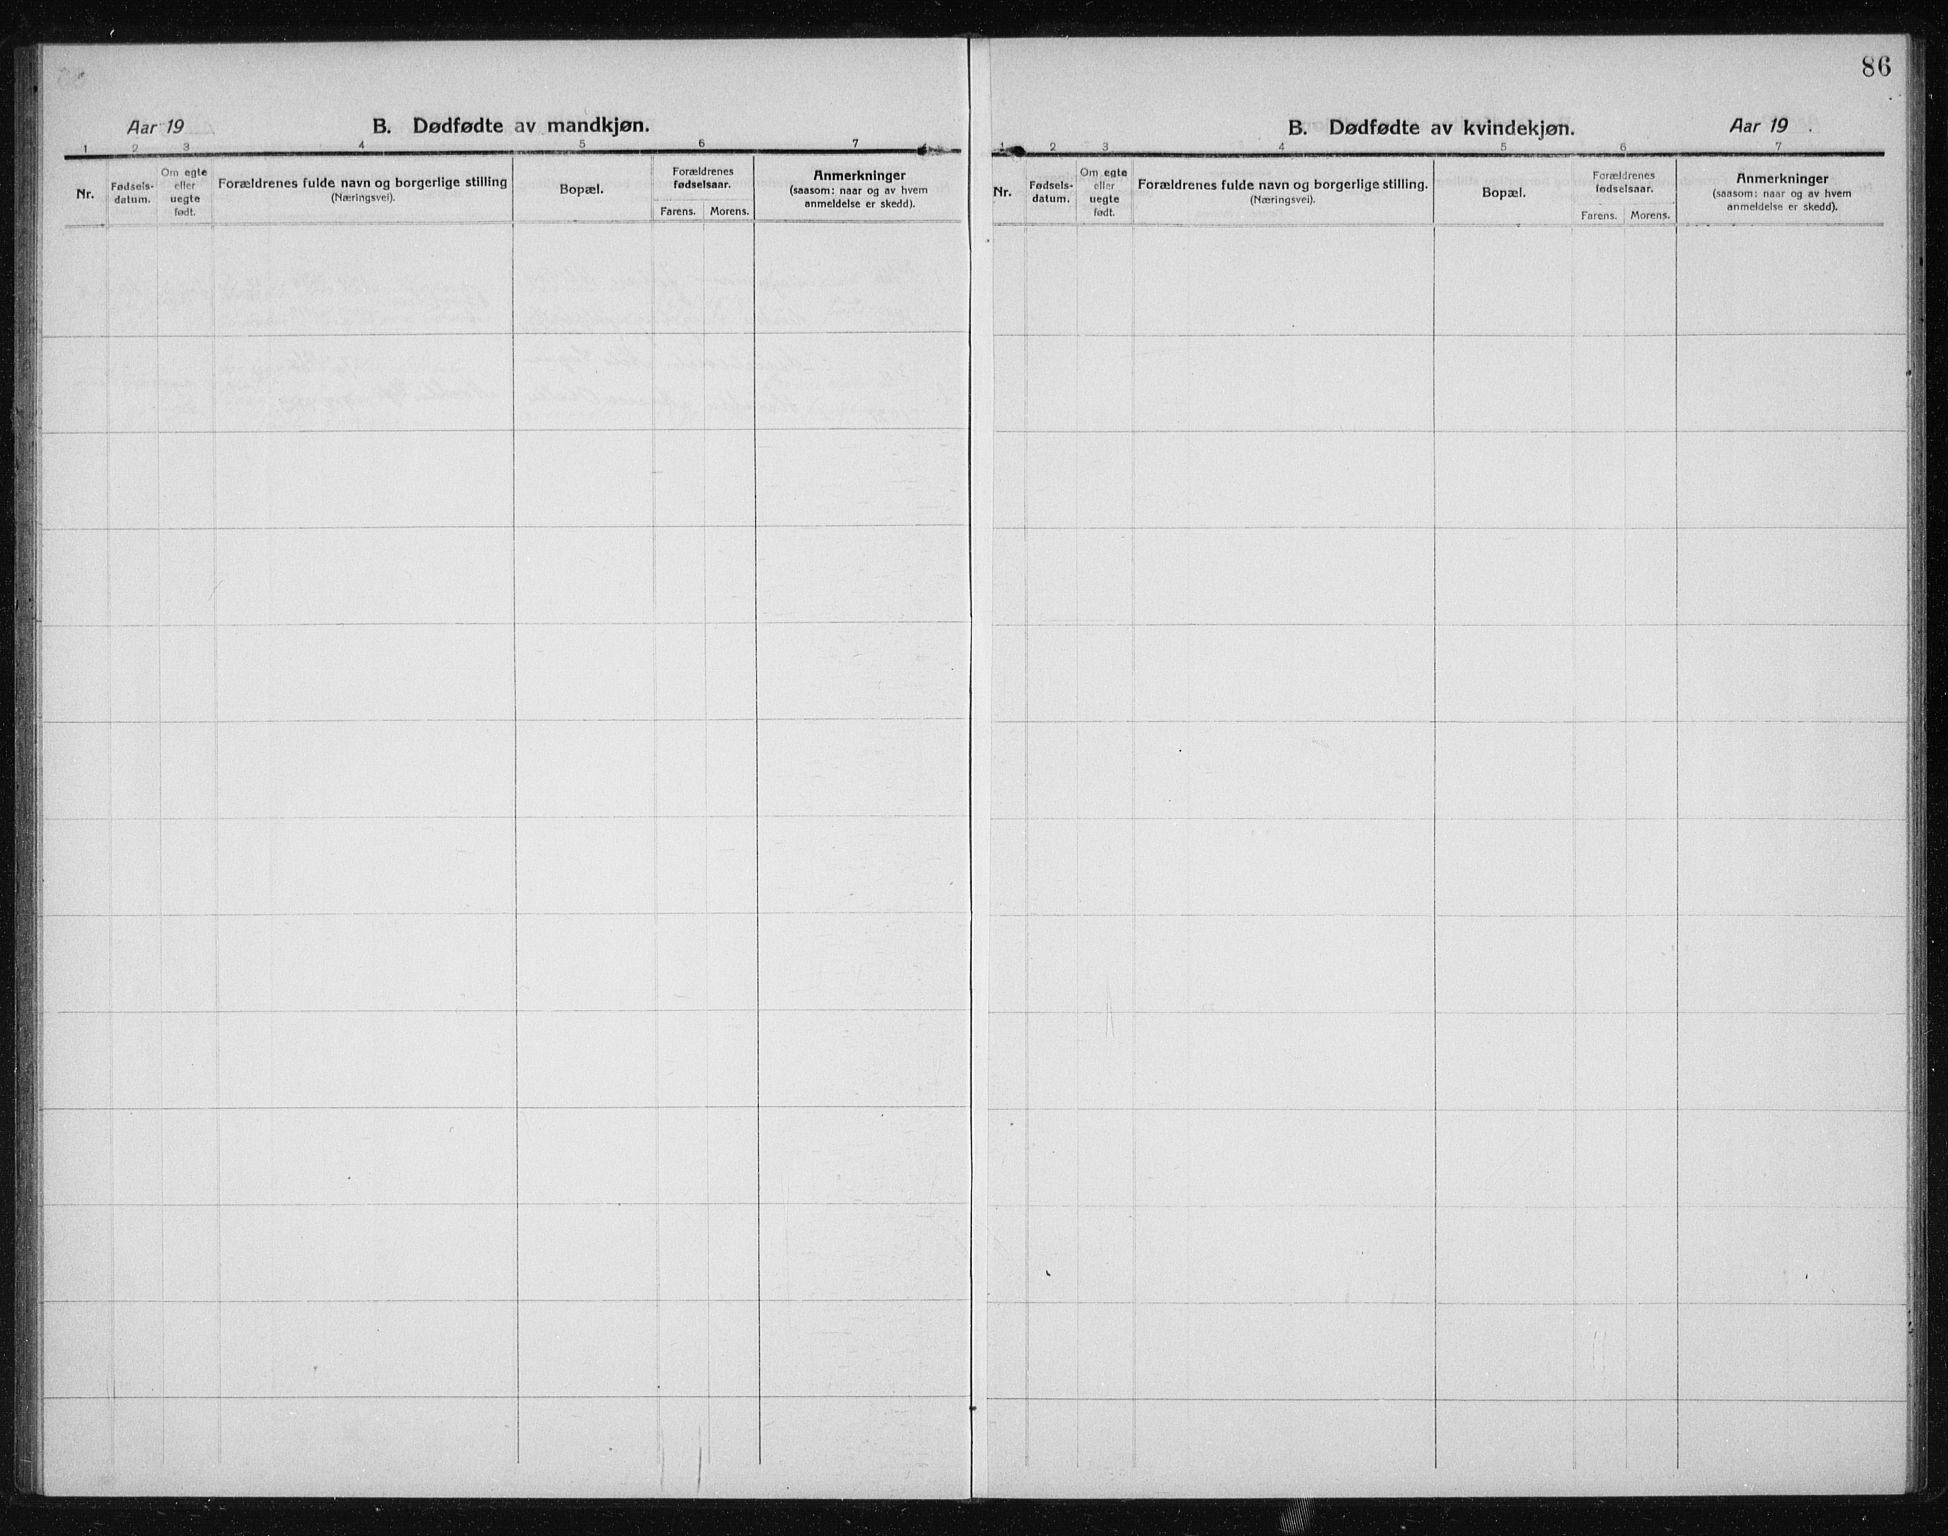 SAT, Ministerialprotokoller, klokkerbøker og fødselsregistre - Sør-Trøndelag, 611/L0356: Klokkerbok nr. 611C04, 1914-1938, s. 86